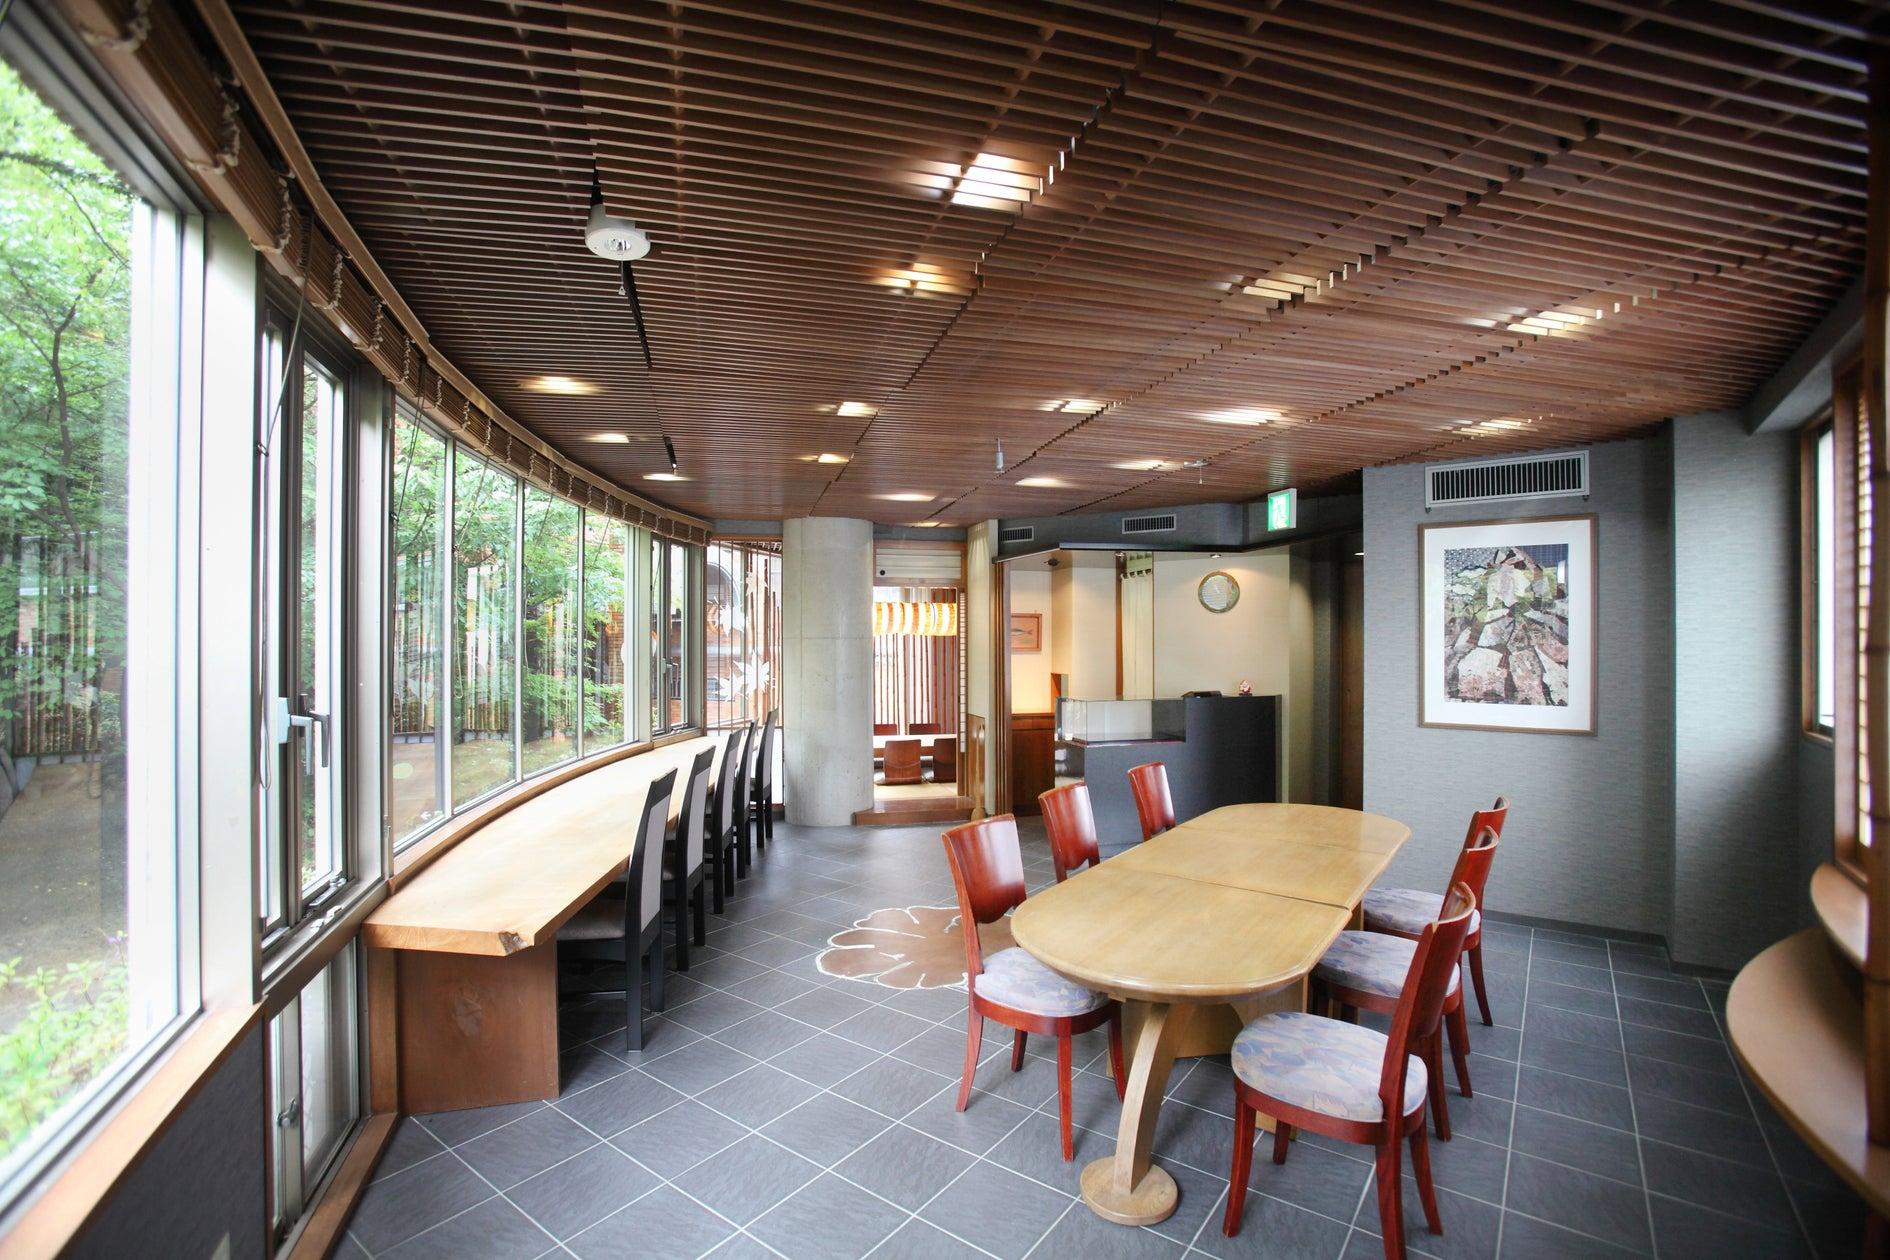 個展・展示会・教室に最適な、雰囲気抜群の三階建て物件です。一階には駐車場、二階はスペースとして、三階に控室としてご利用可。(レンタルスペース 石の家) の写真0